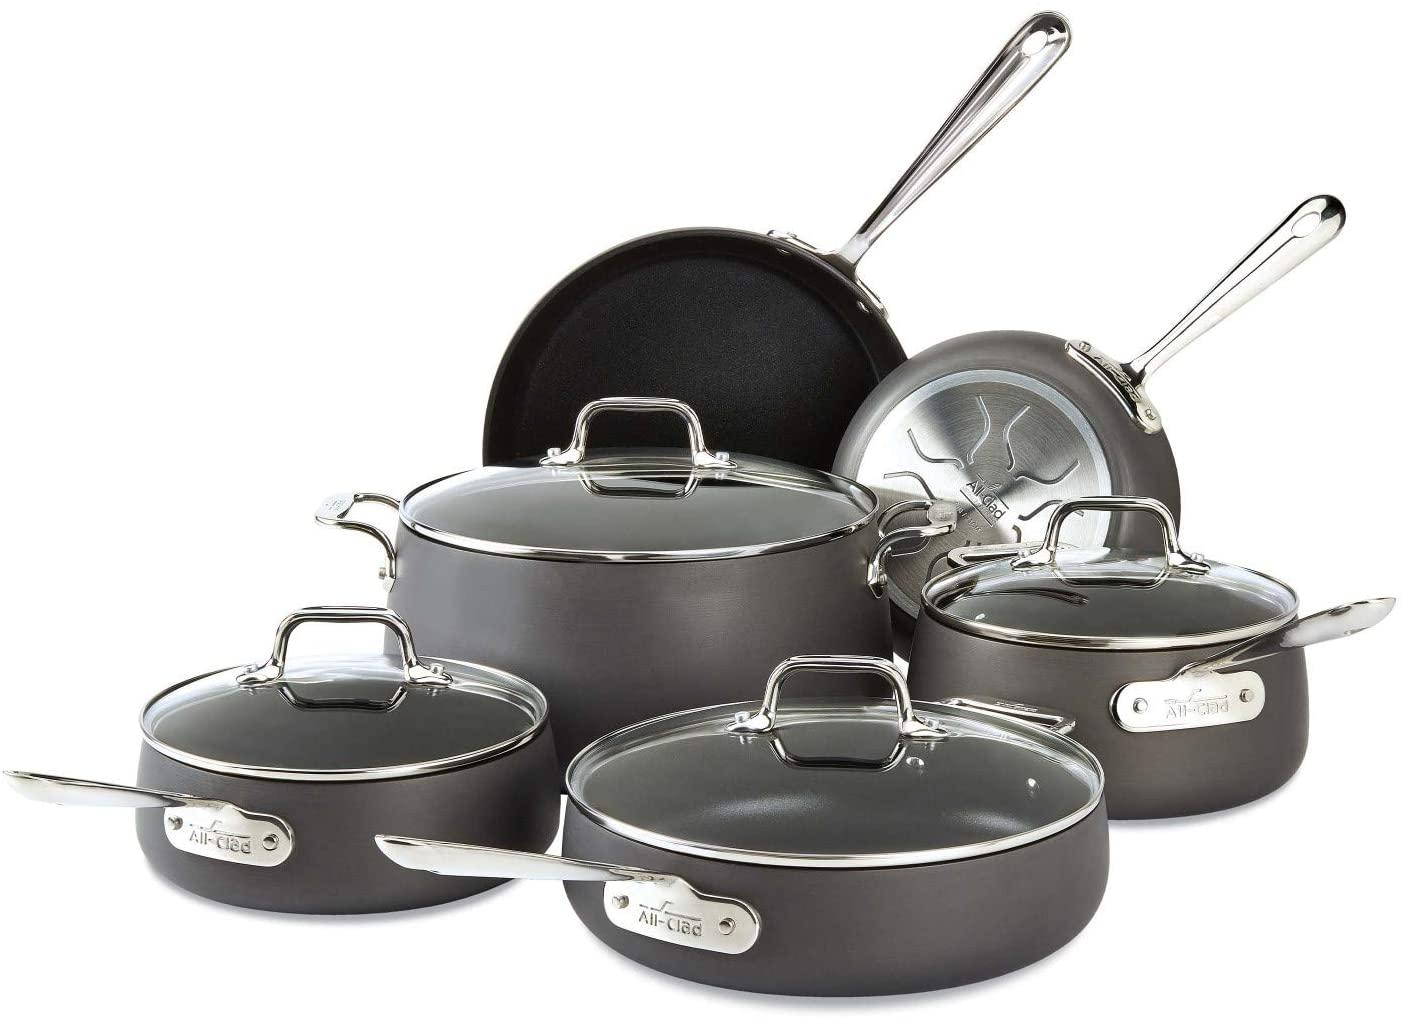 All Clad HA1 E785SC64 Hard Anodized Cookware Set